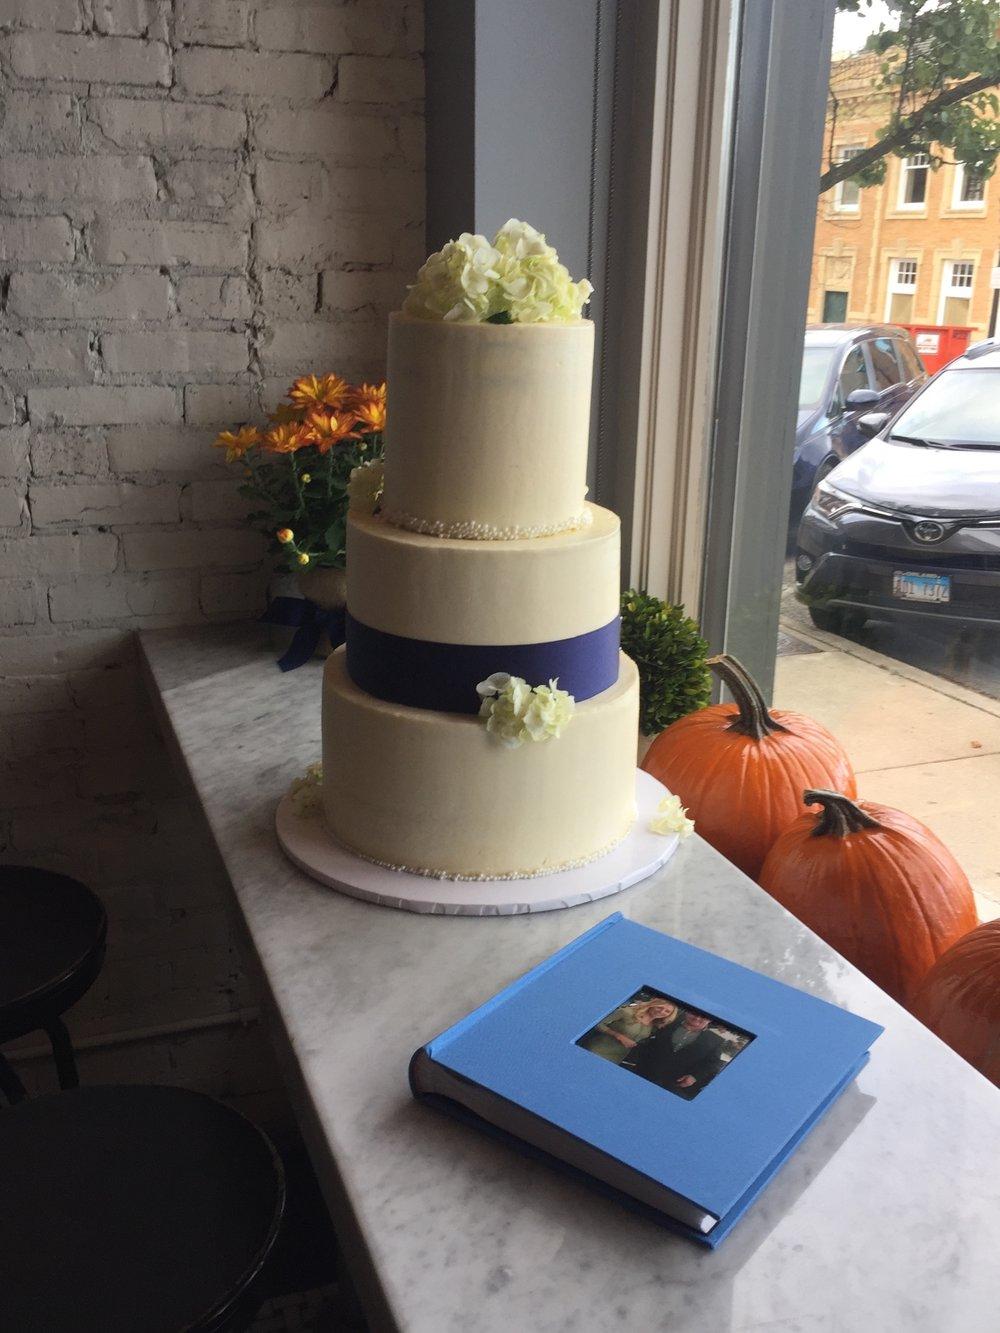 vistro-private-event-cake-brett.jpg